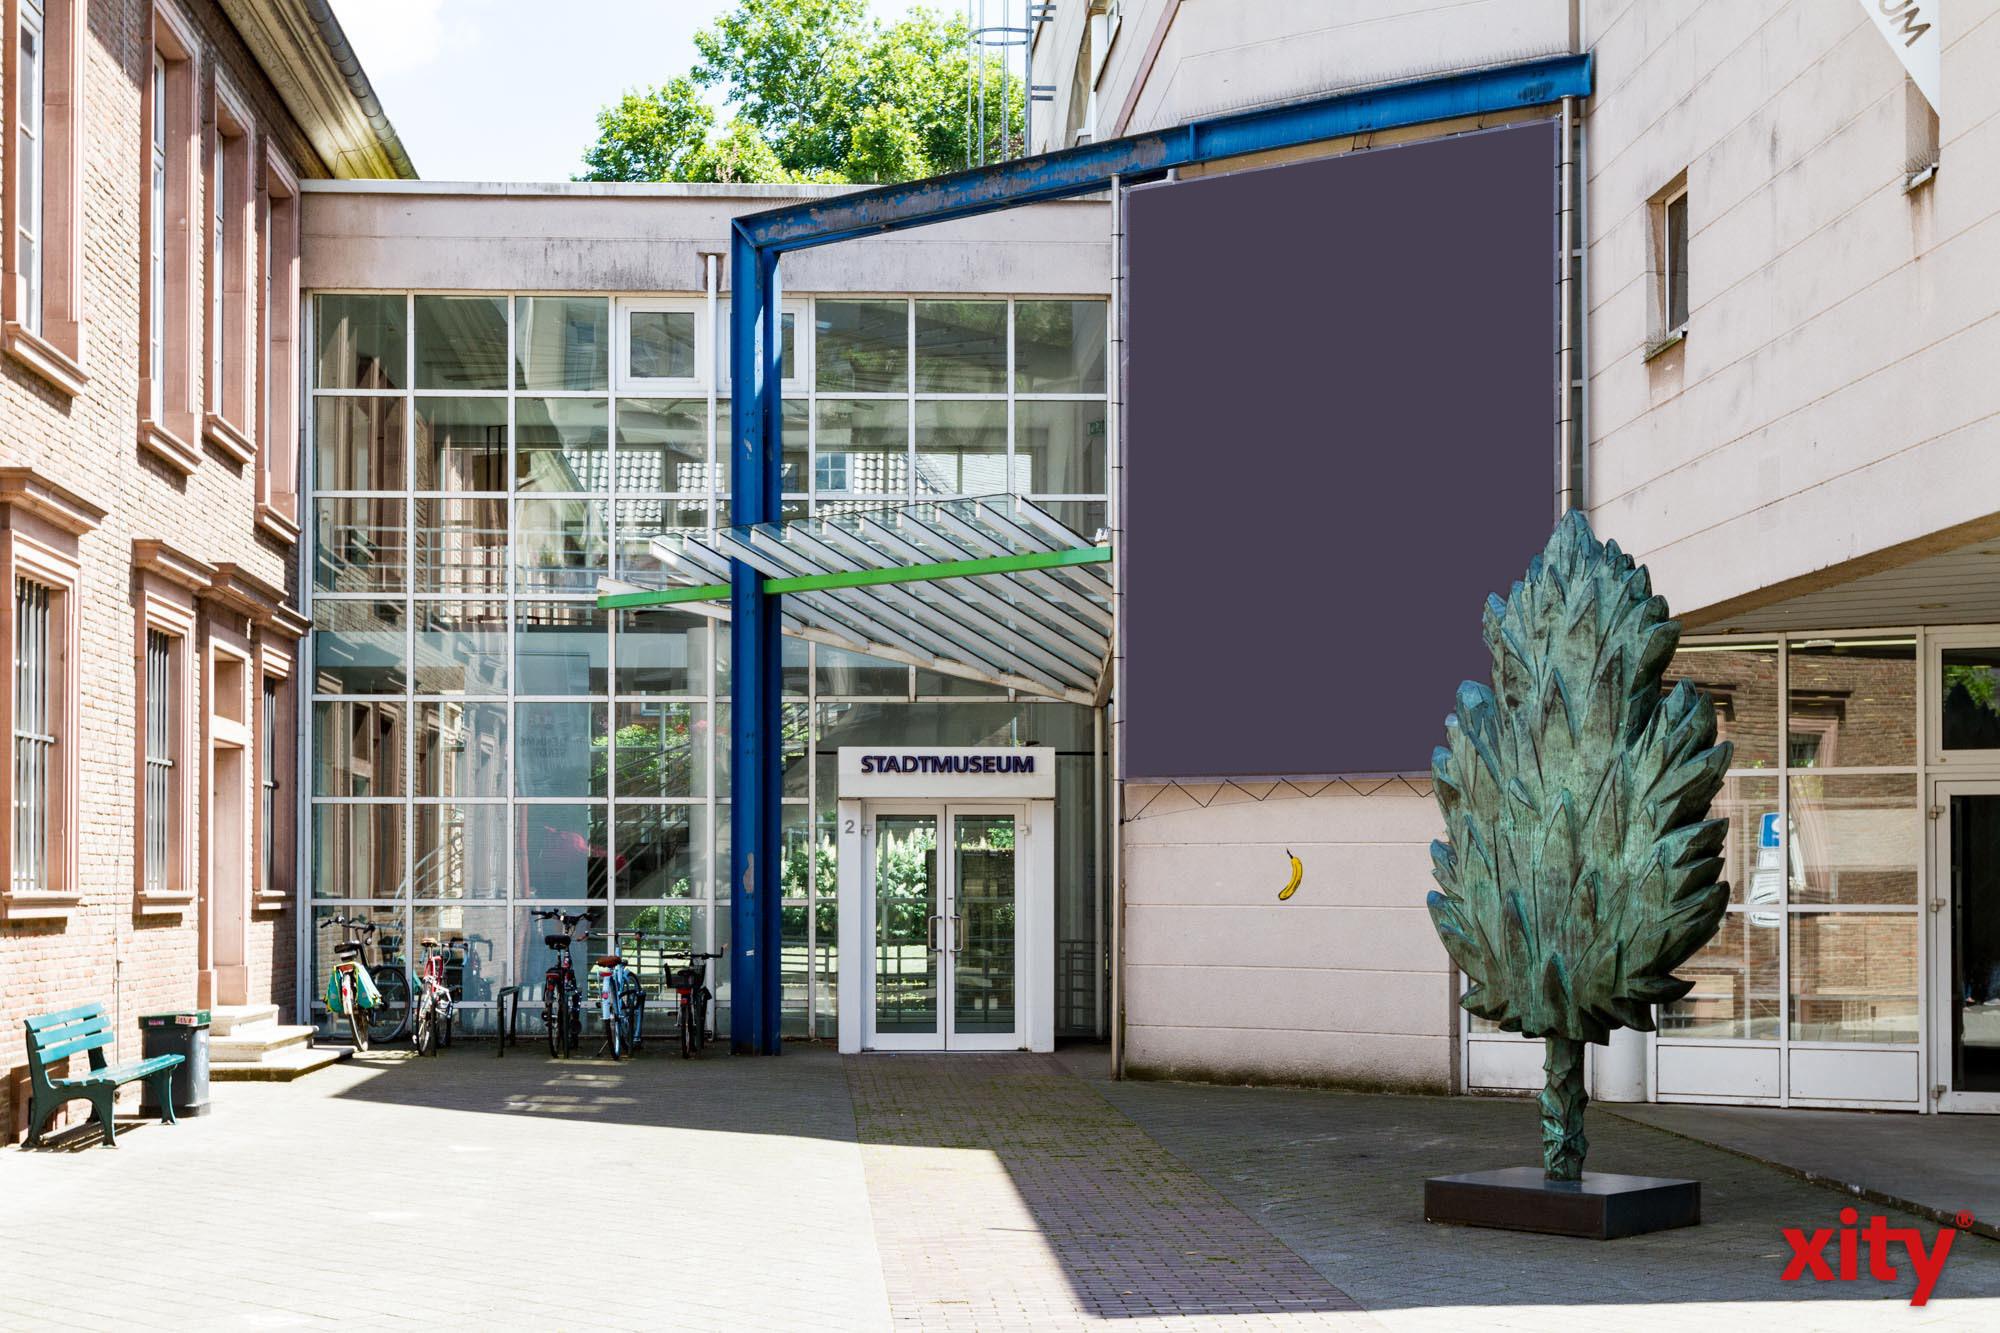 Angebote am eintrittsfreien Sonntag im Stadtmuseum Düsseldorf (Foto: xity)